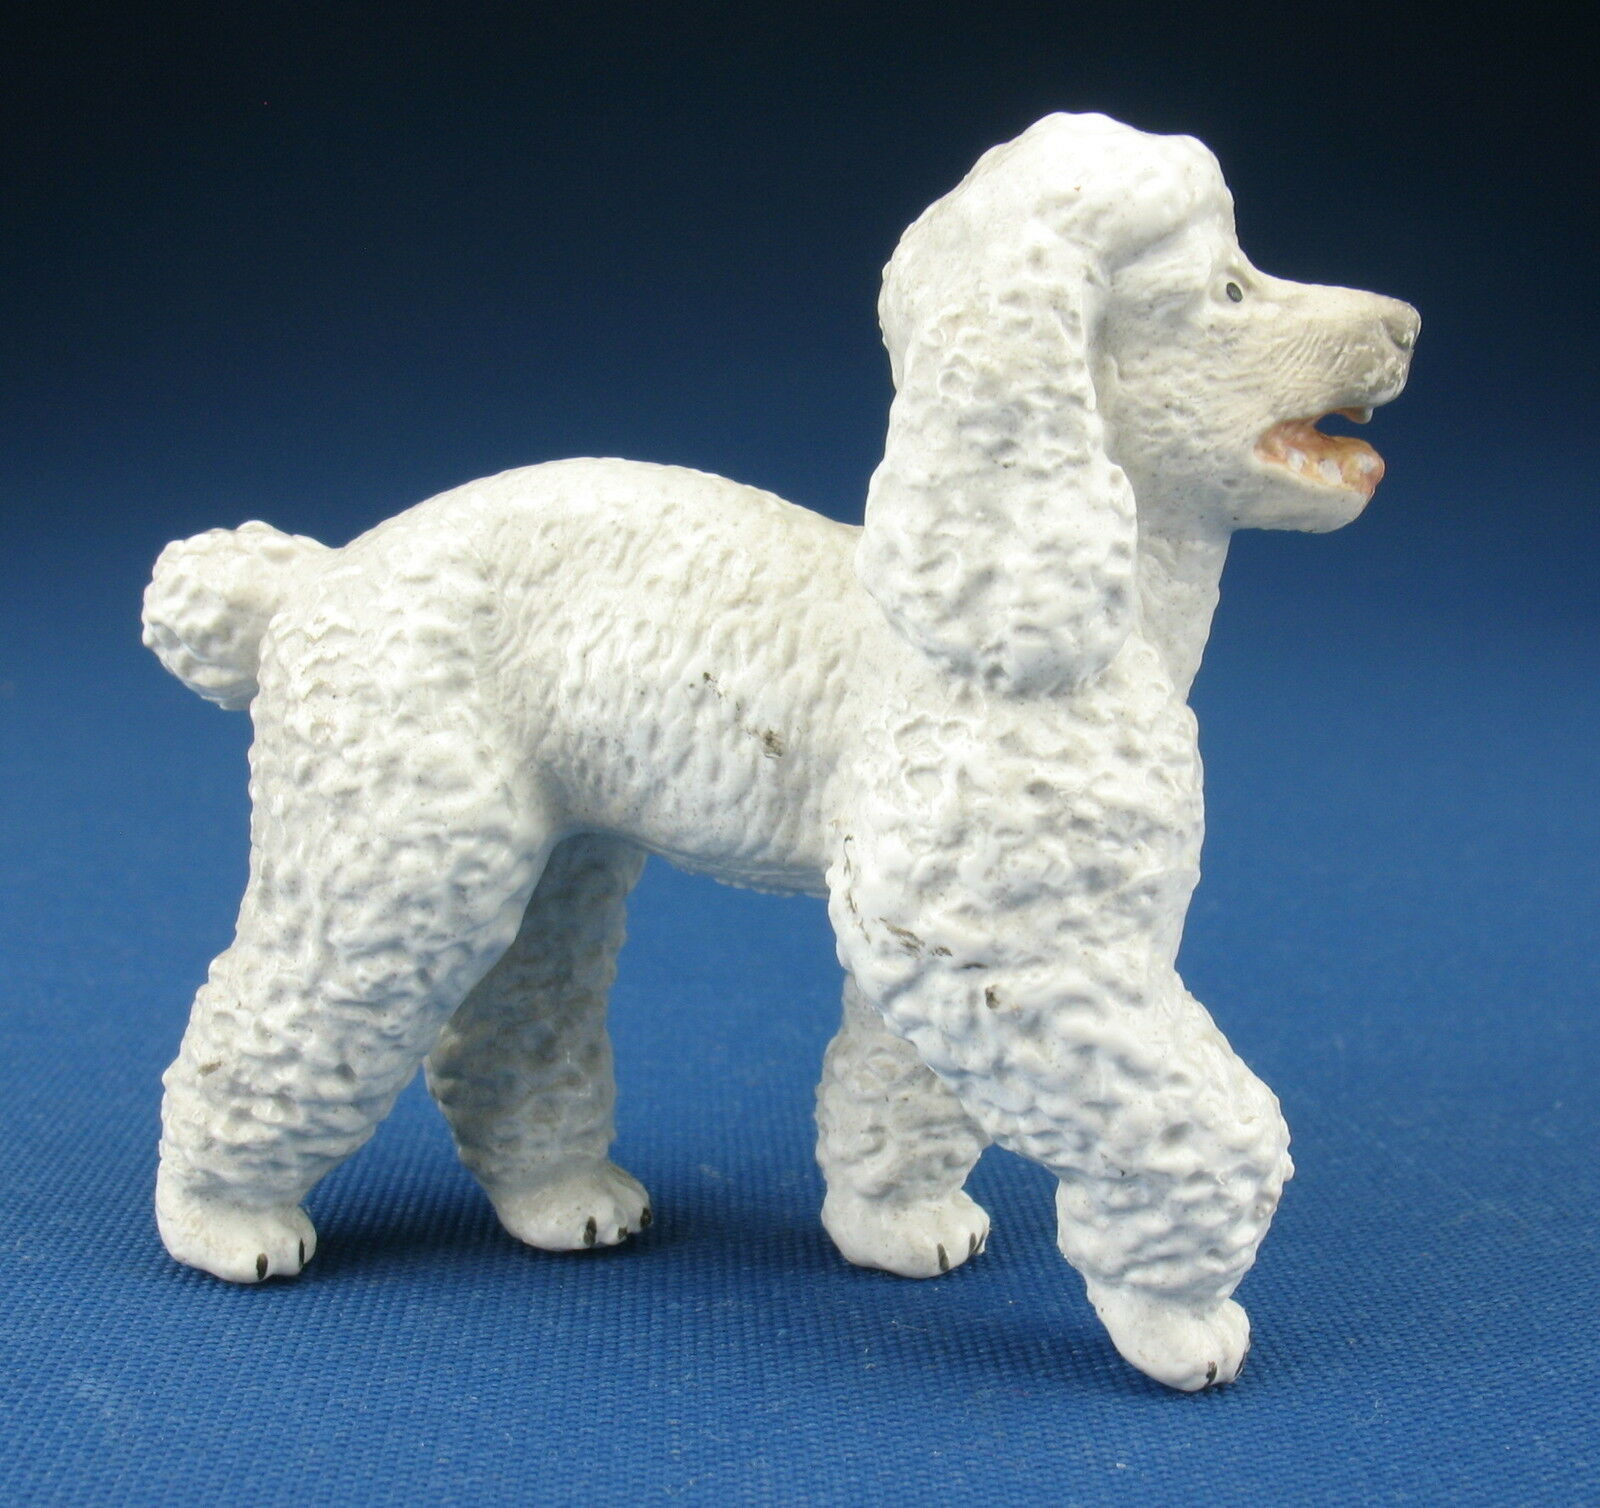 SCHLEICH 16305 - Pudel weiß - Weiß Poodle - 1 12 - Schleichtier - Hund 7